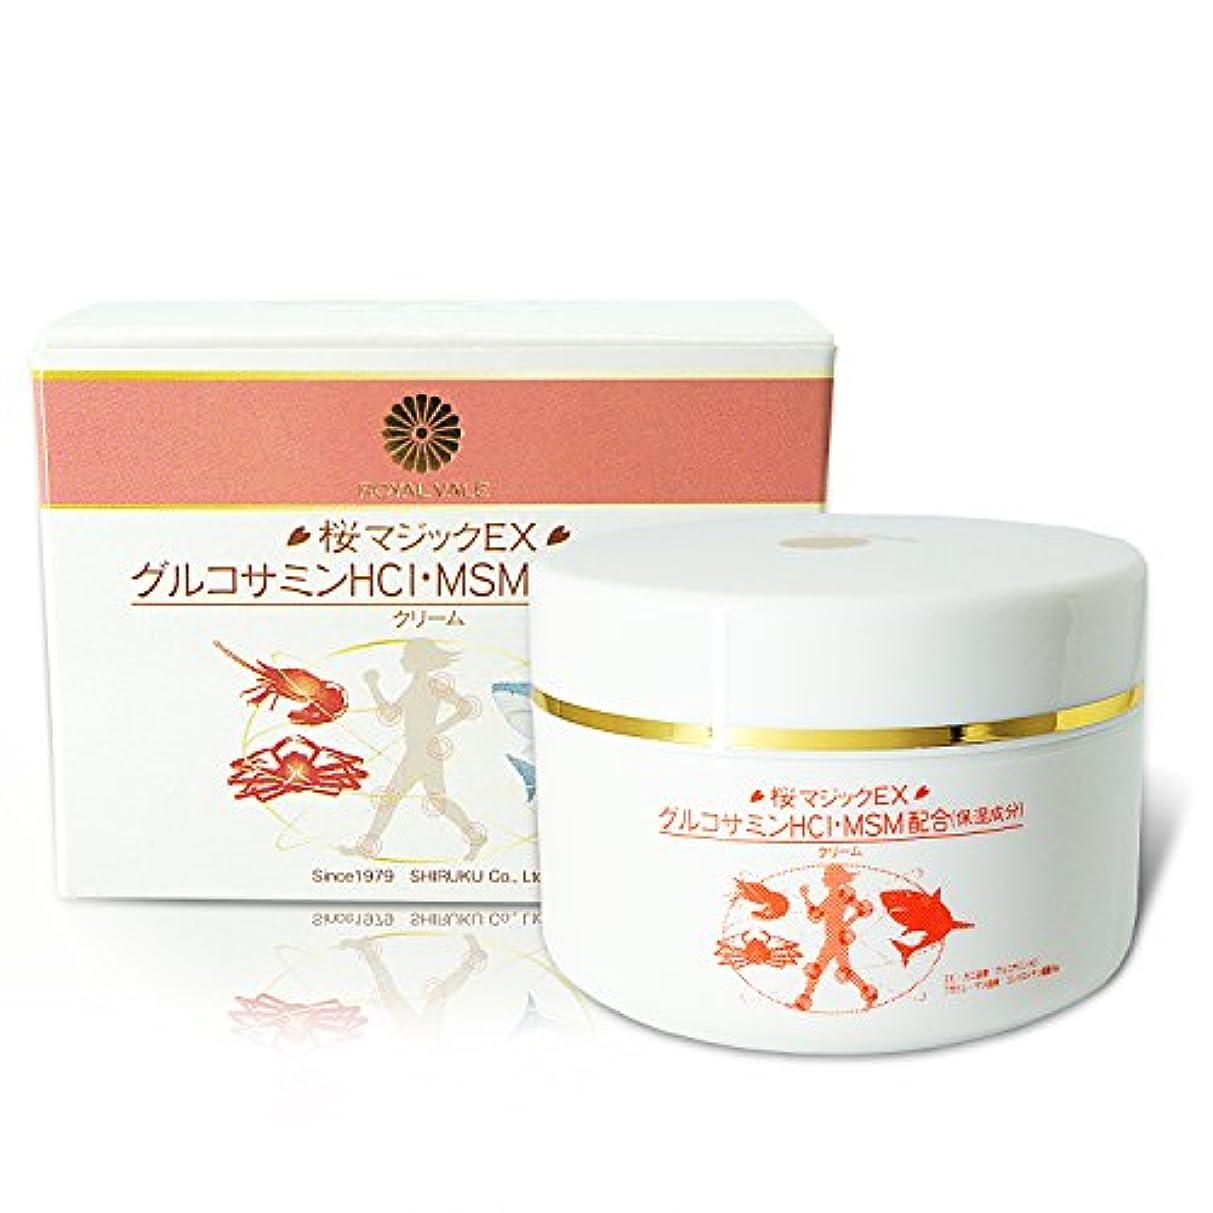 スクラップシリアルグリル桜マジックEXクリ-ム